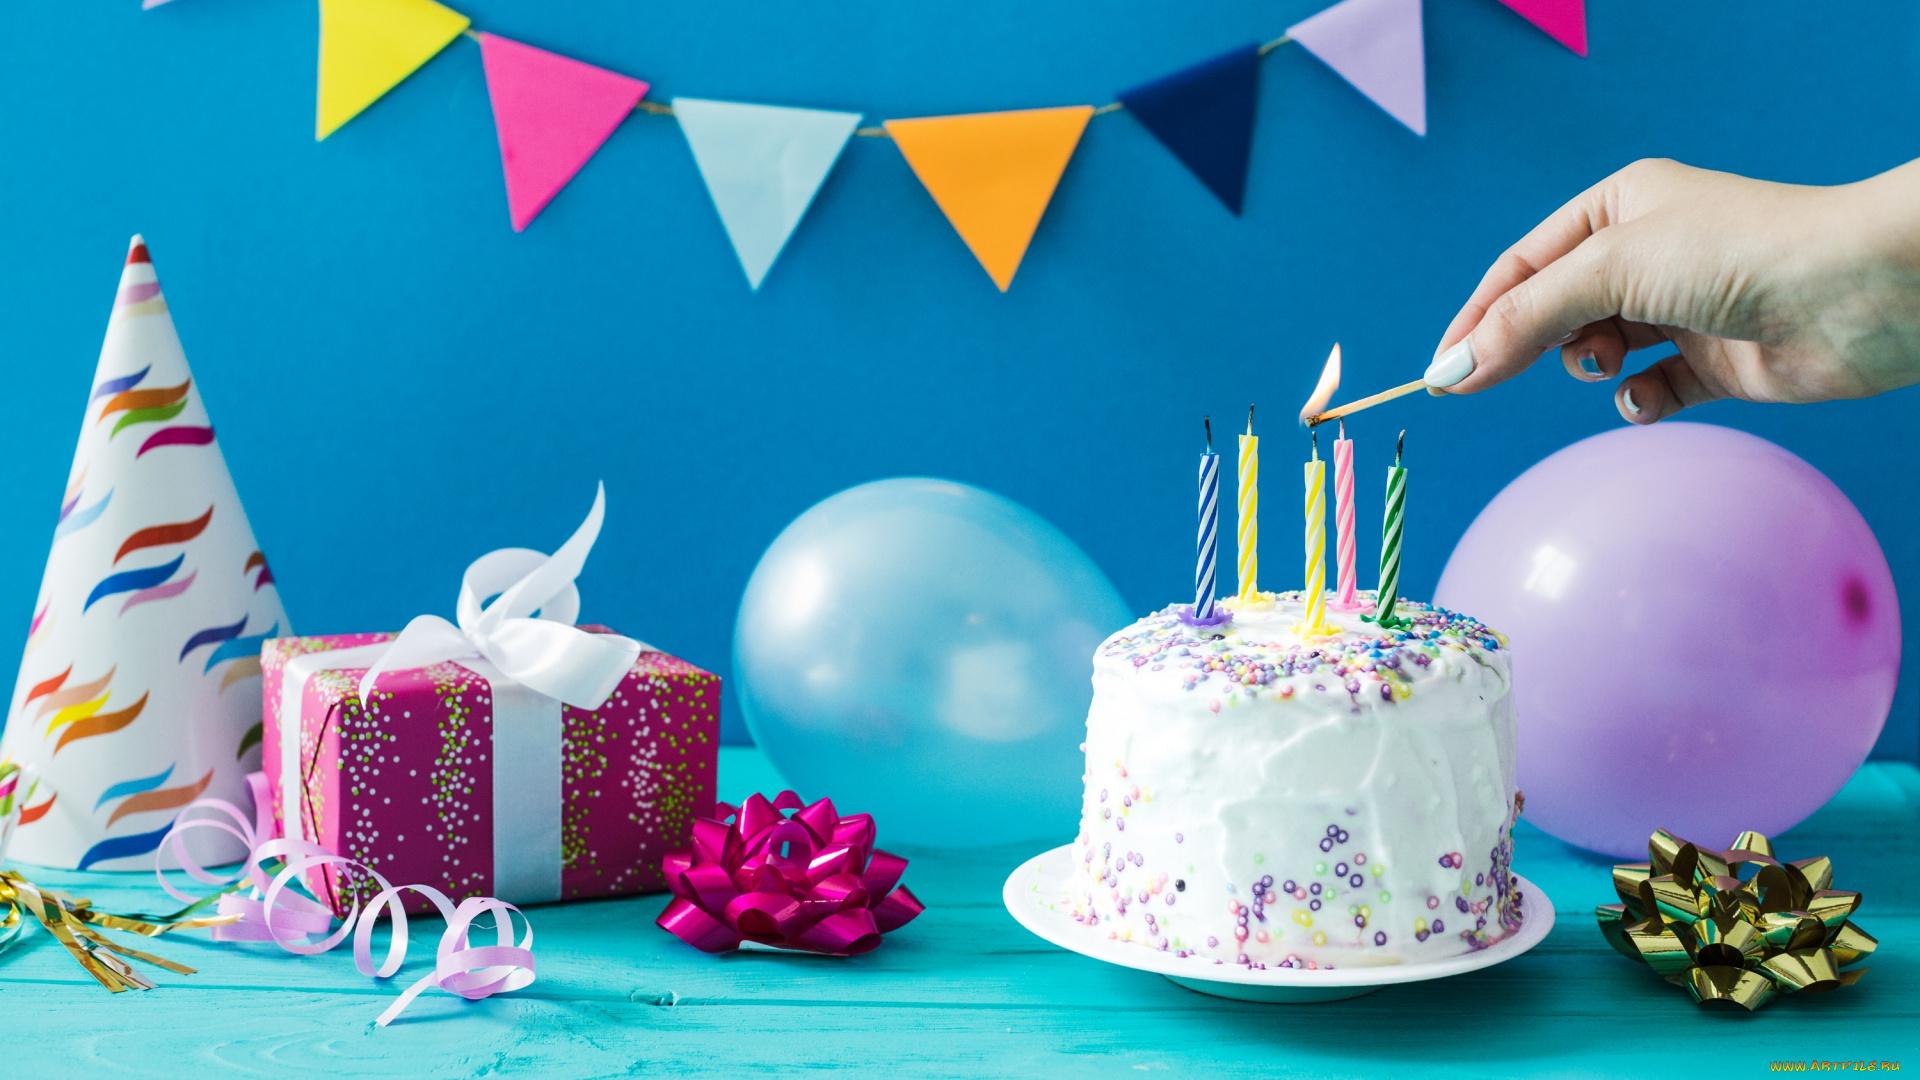 Смешариками, картинки день рождения шарики и торт